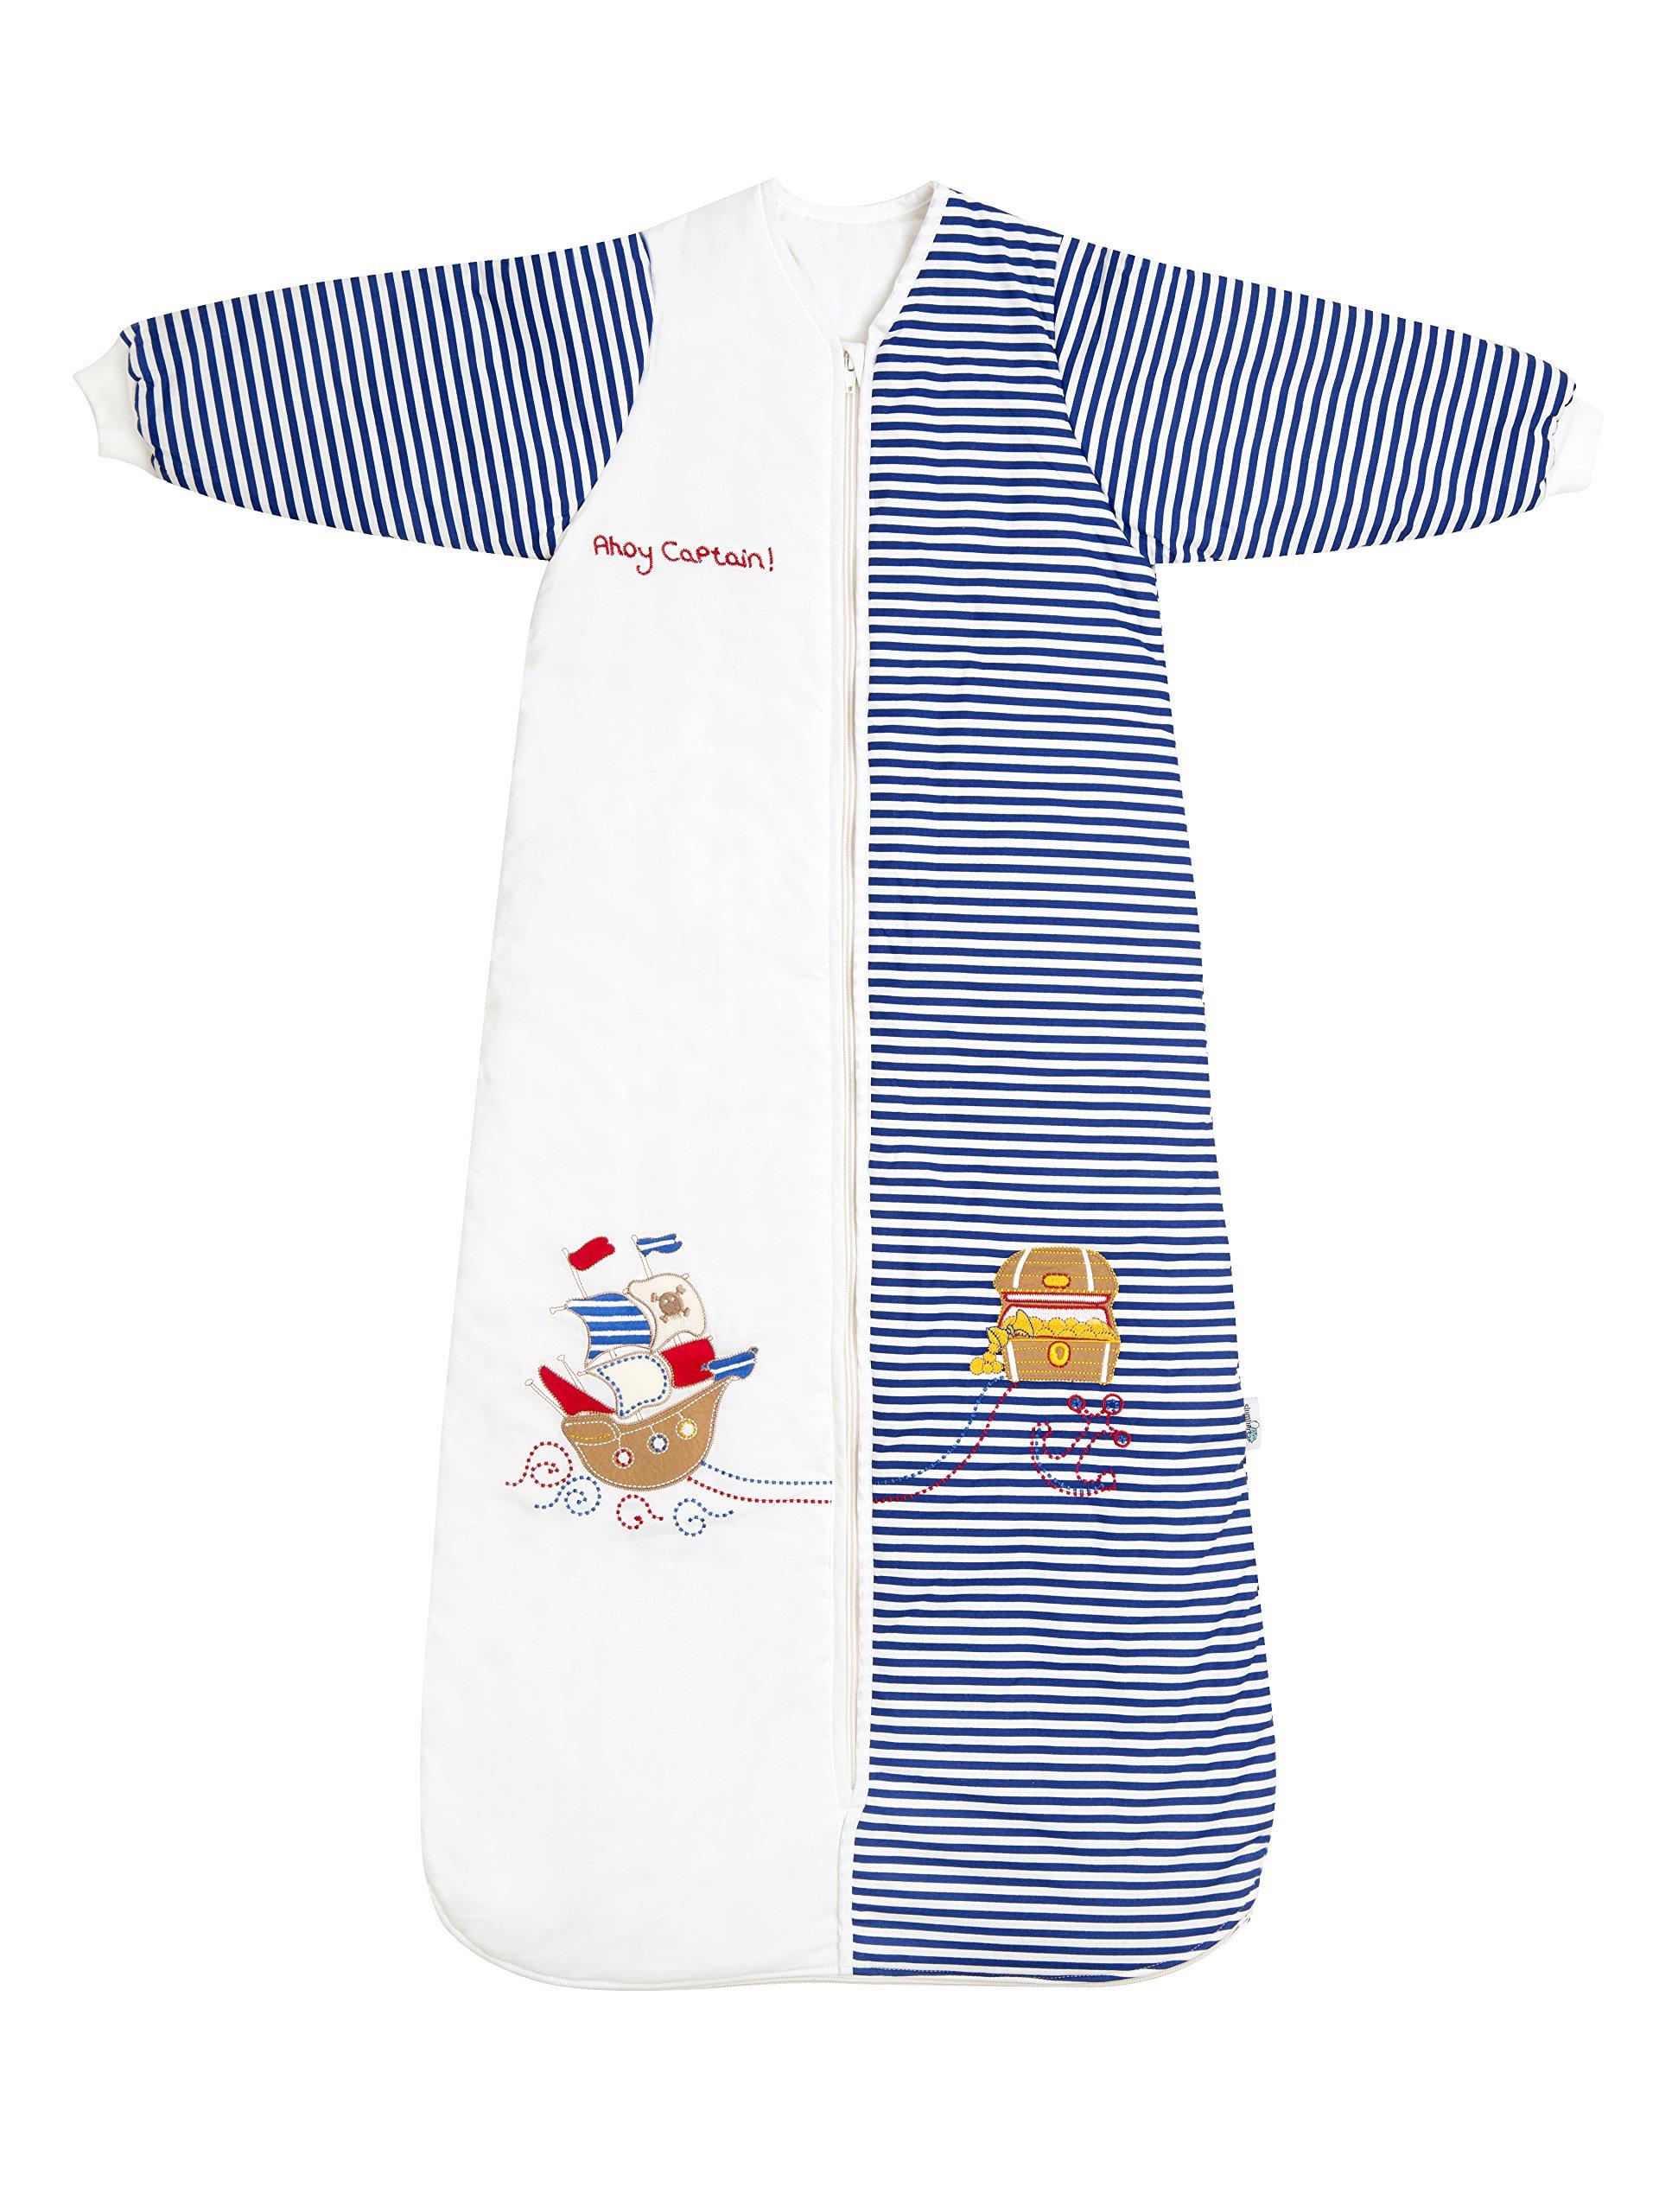 Slumbersafe Winter Kid Sleeping Bag Long Sleeves 3.5 Tog - Pirate, 6-10 years/XXL